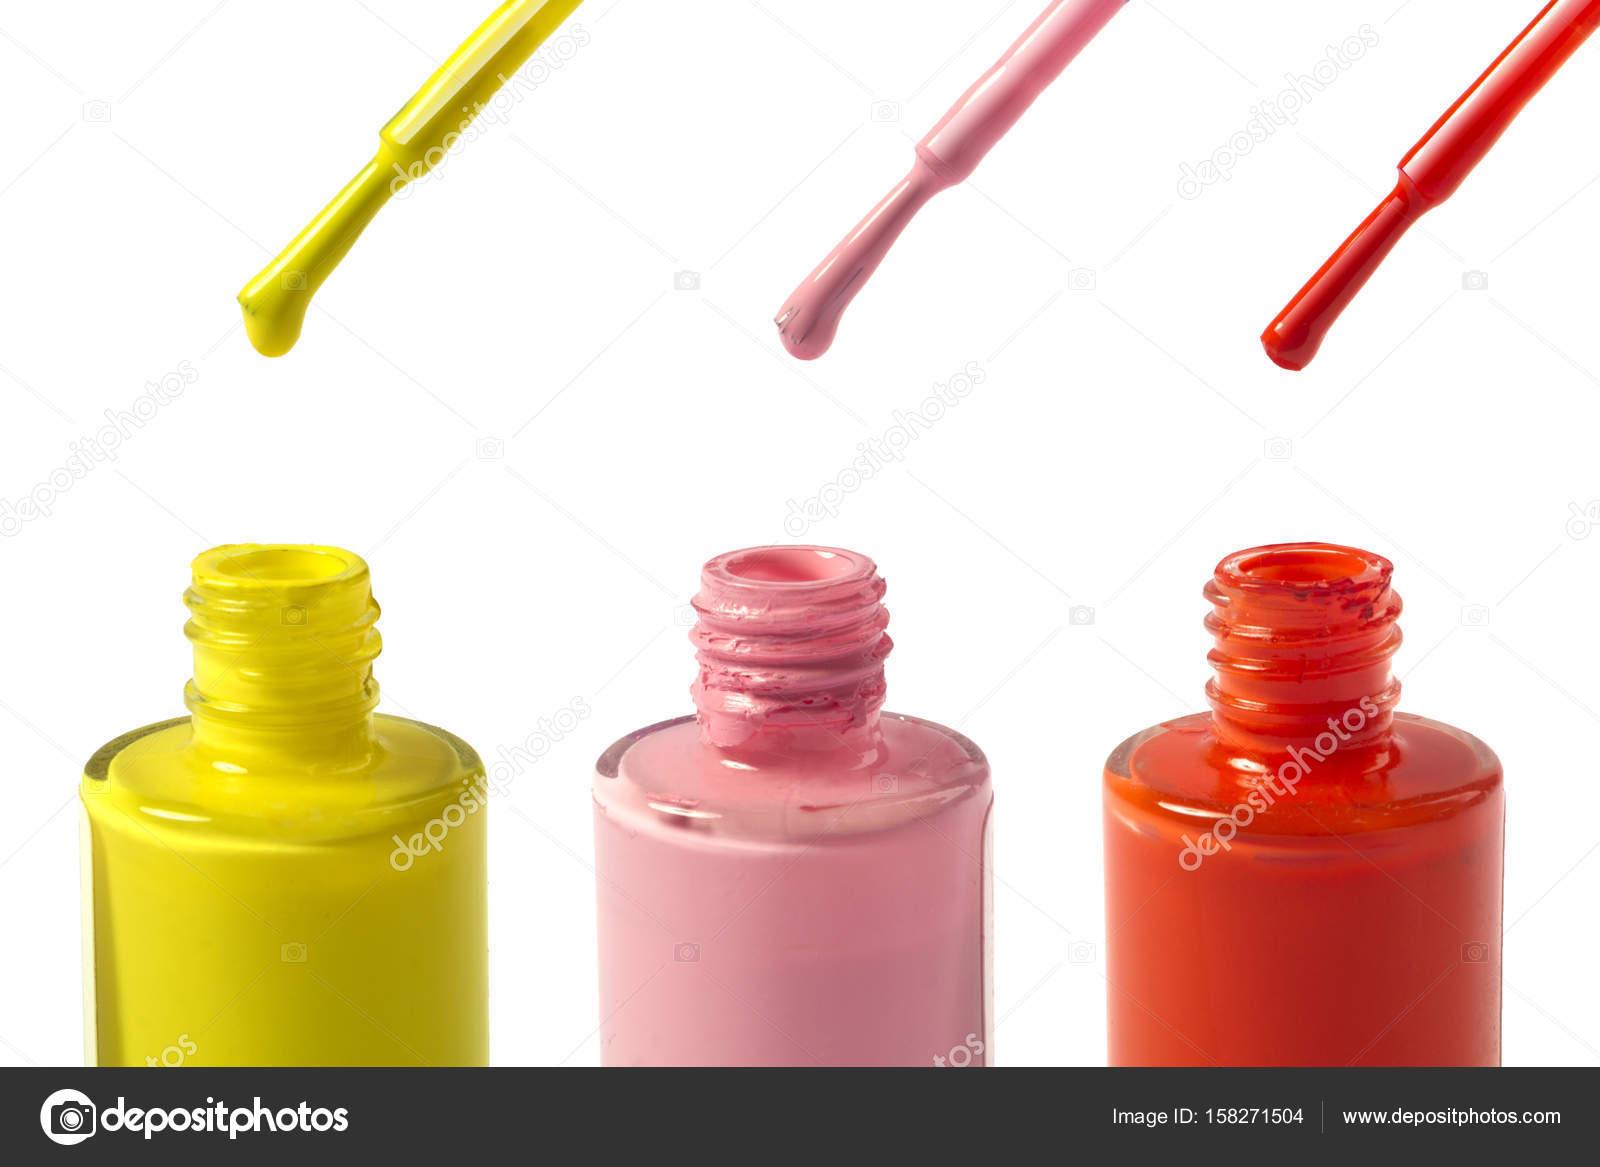 Bouteilles de vernis à ongles jaune, rose et rouge isolés sur fond blanc \u2014  Photo